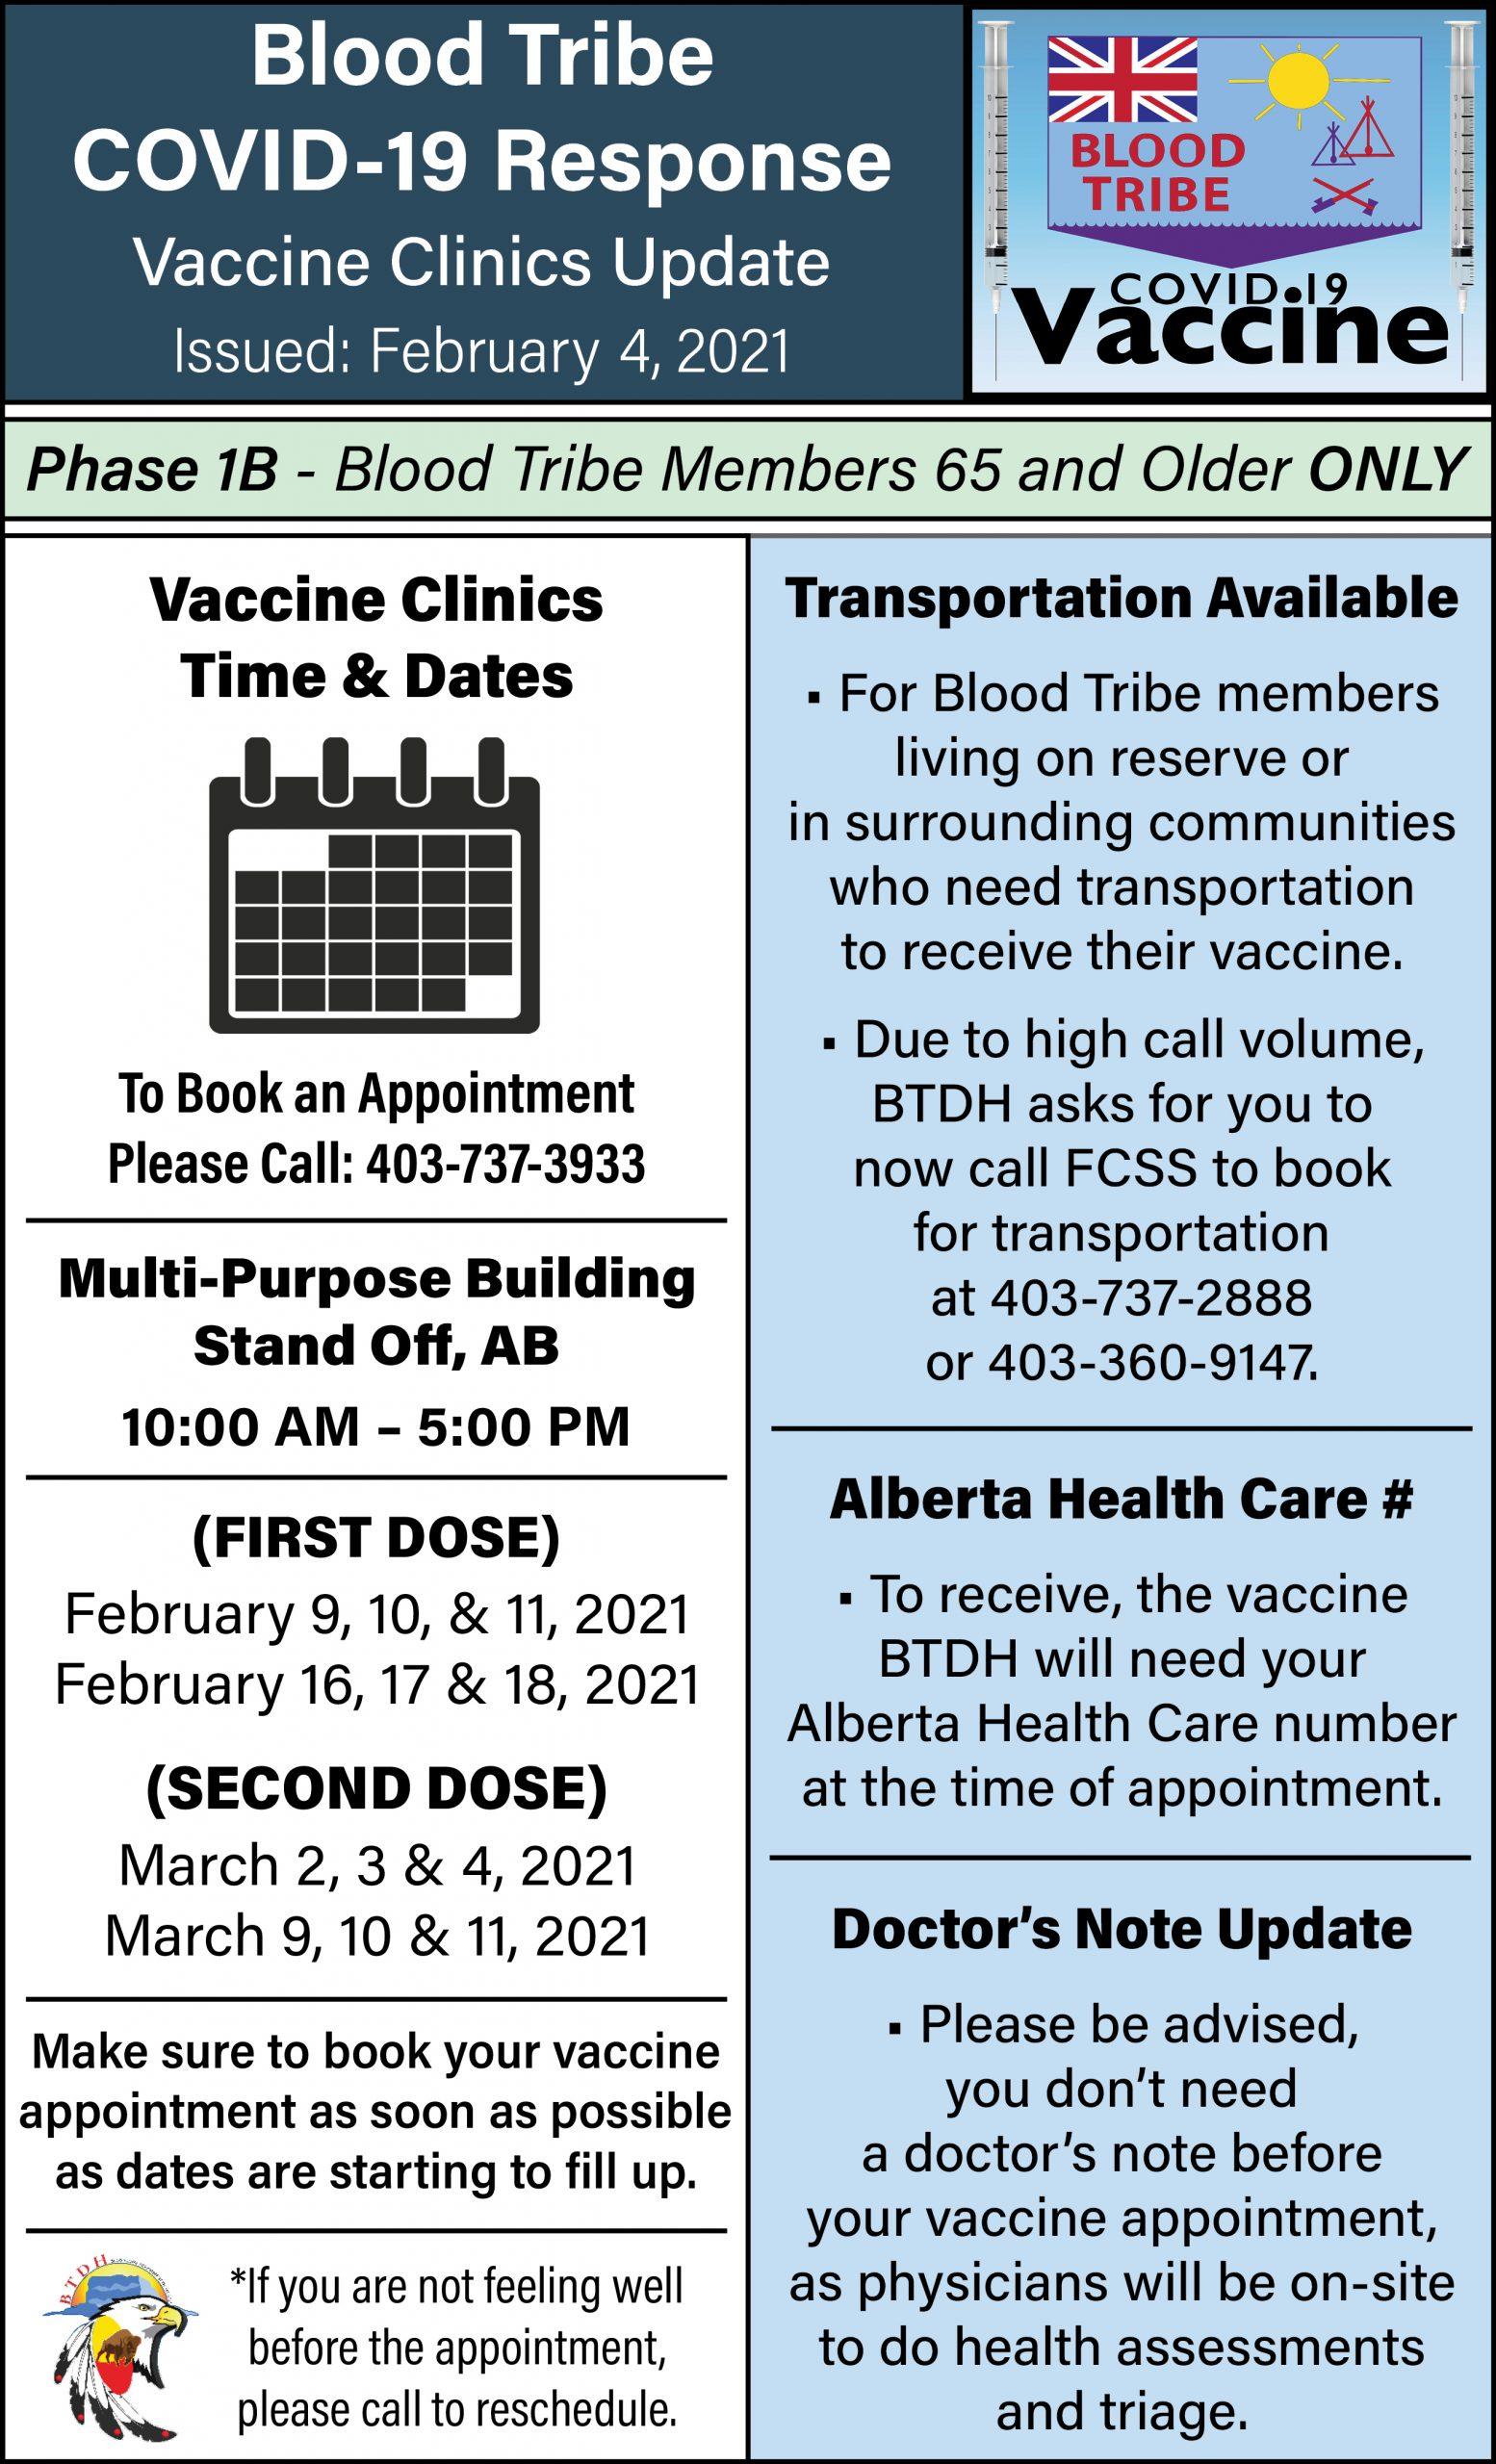 COVID-19 Vaccine Clinics Update - February 4, 2021